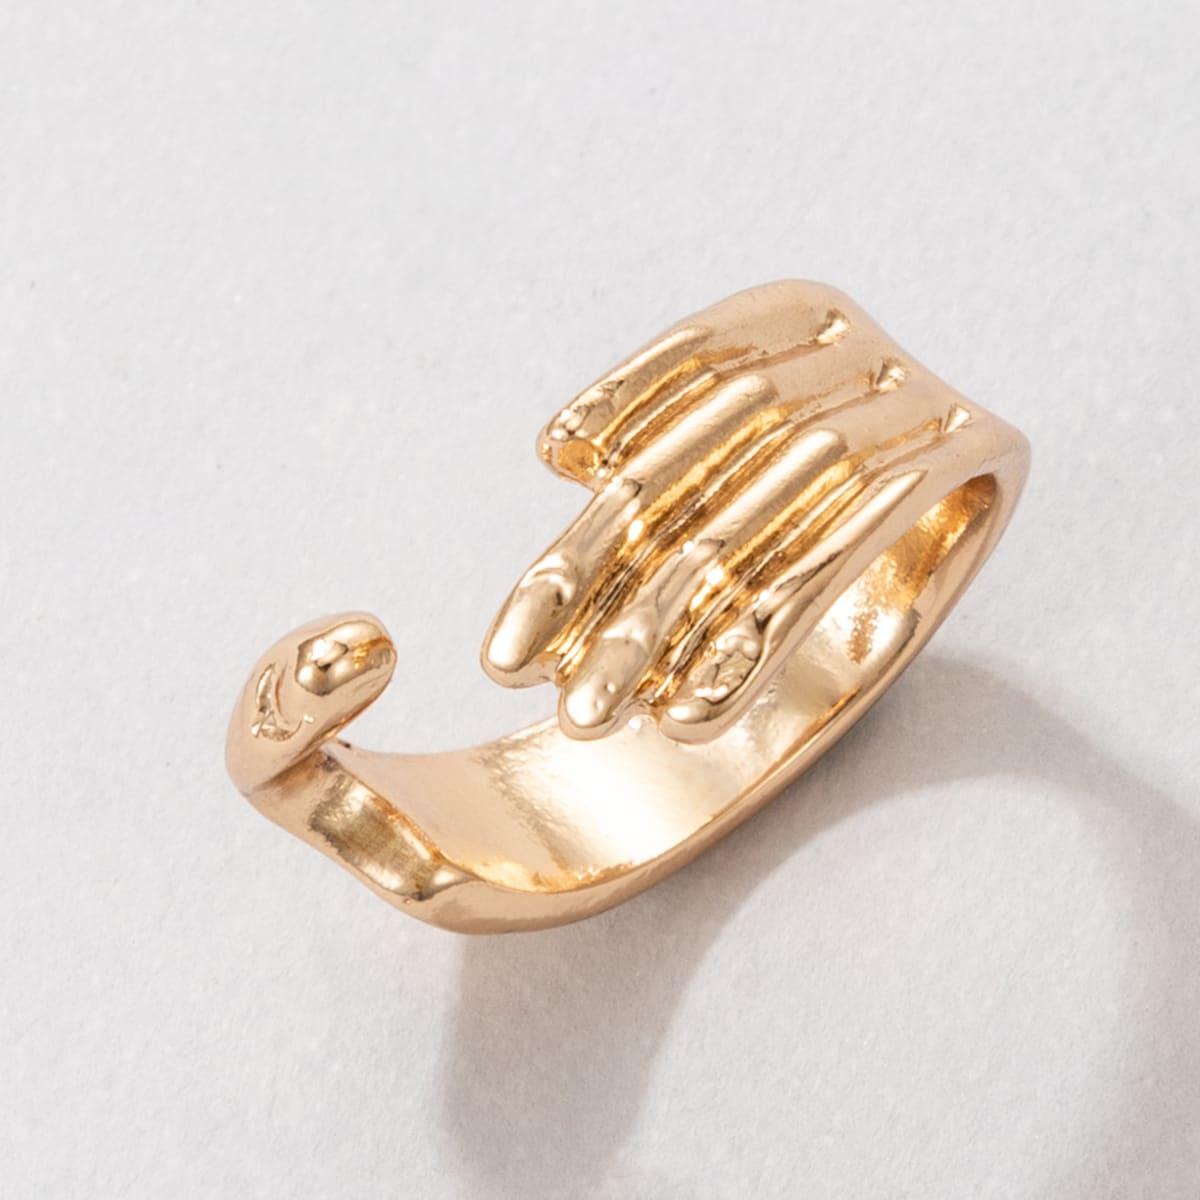 Кольцо в форме руки